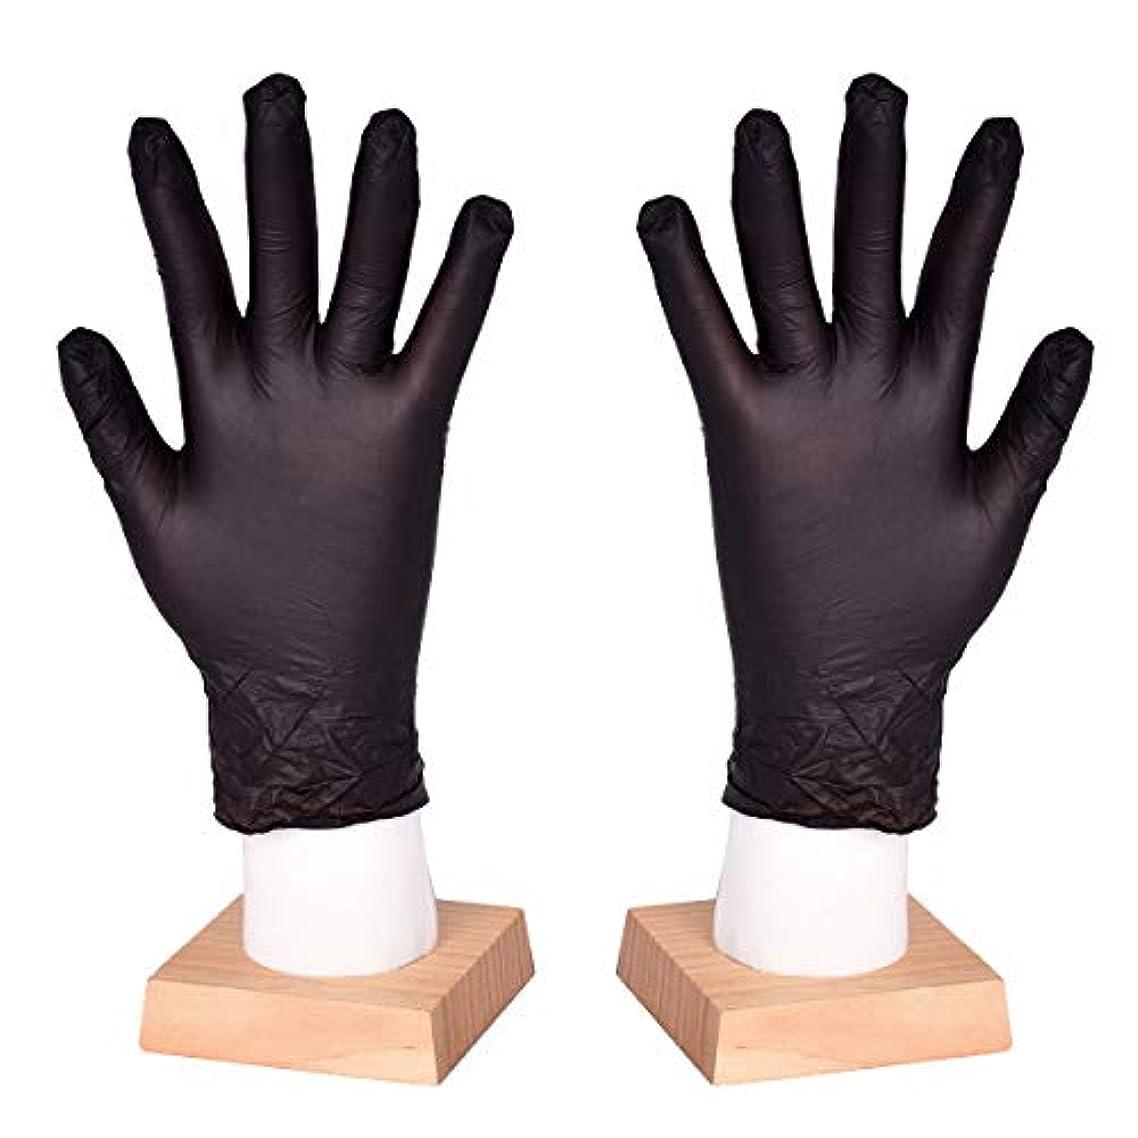 硬さ恥大人[FJTK]使い捨て手袋 滑りにくい 超弾性 多用途 黒 100枚入 (S)